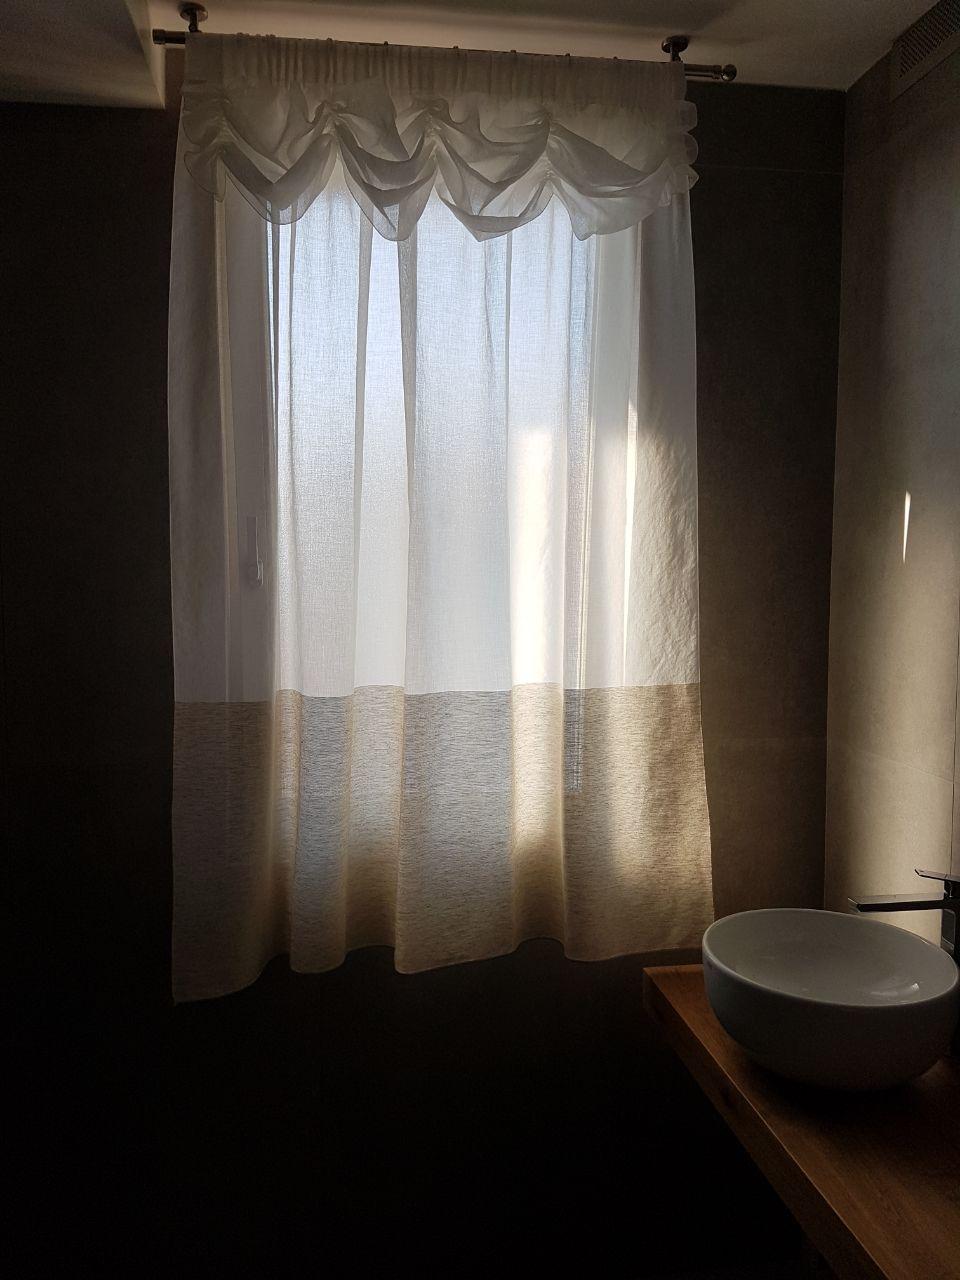 Come Mettere Le Tende Doppie tende per finestre del bagno: i modelli più pratici e belli